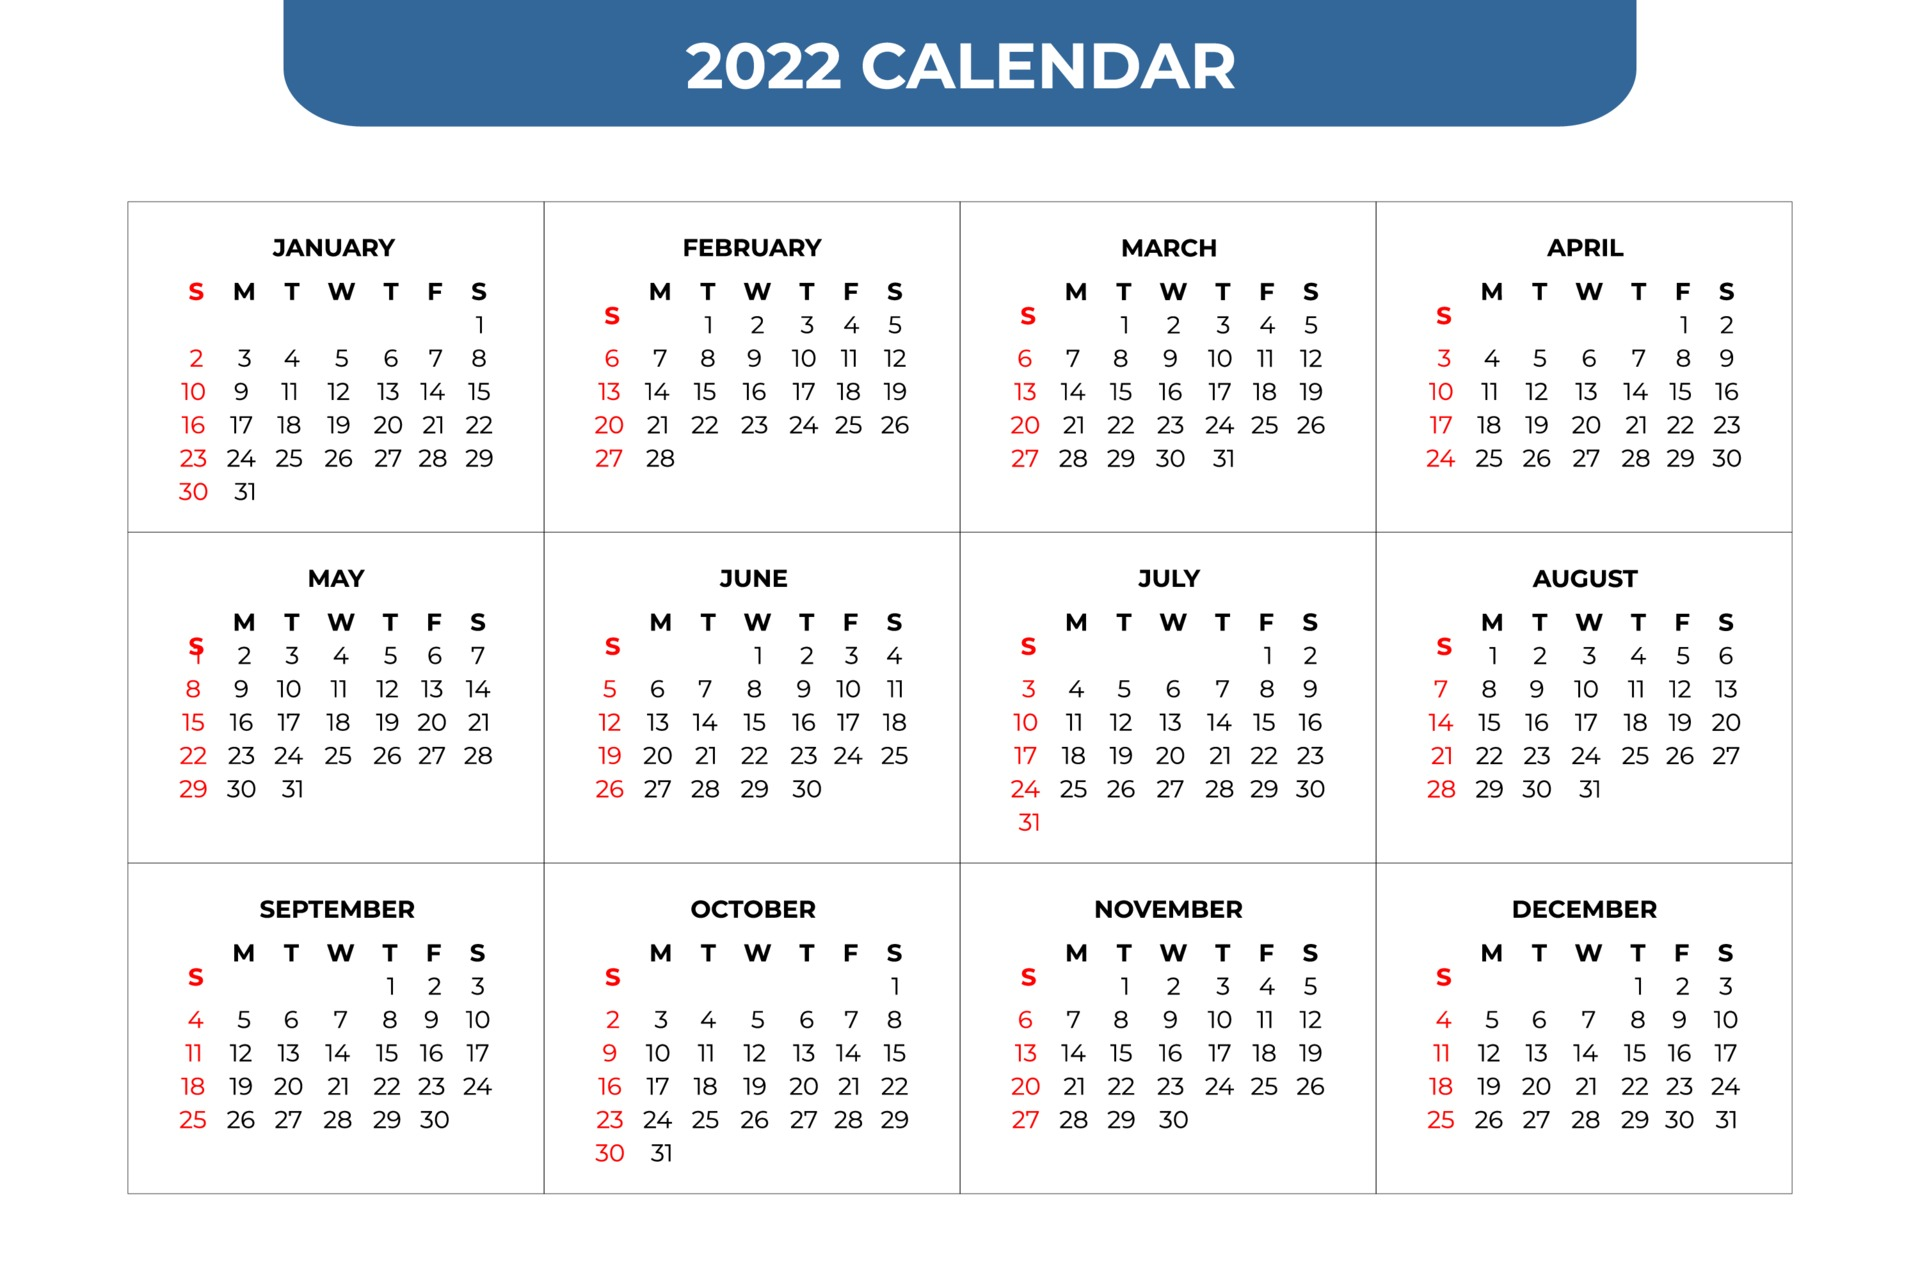 Calendar 2022 Template.2022 Calendar Template 2159303 Vector Art At Vecteezy